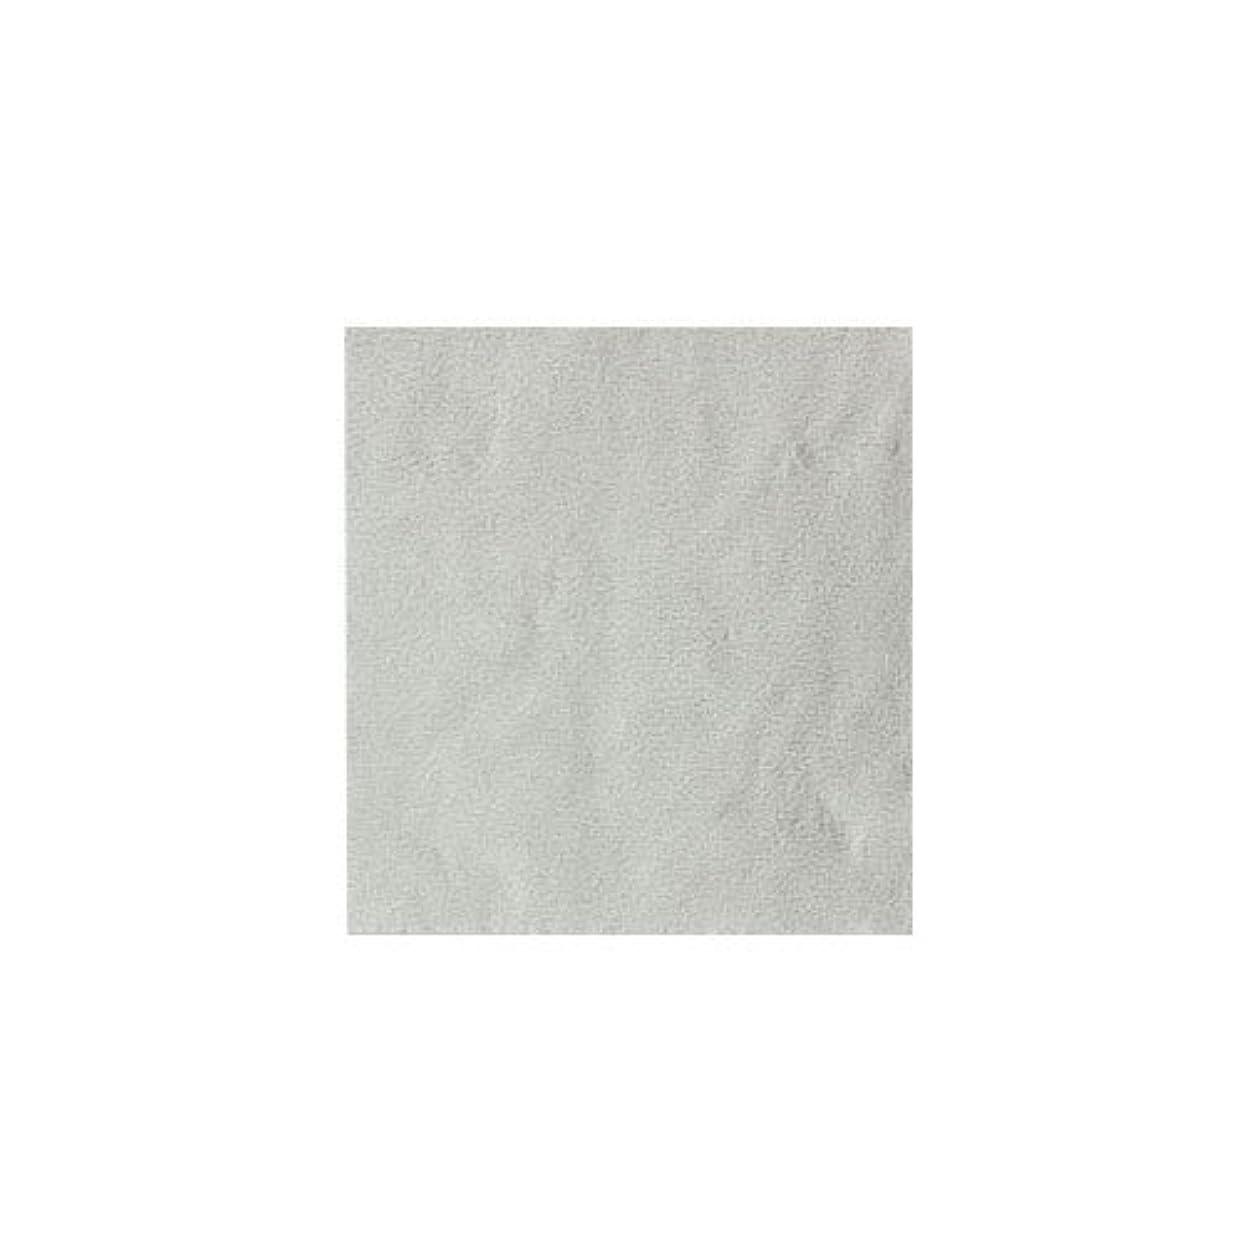 決定的夢中現像ピカエース ネイル用パウダー パステル銀箔 #640 パステルホワイト 3.5㎜角×5枚